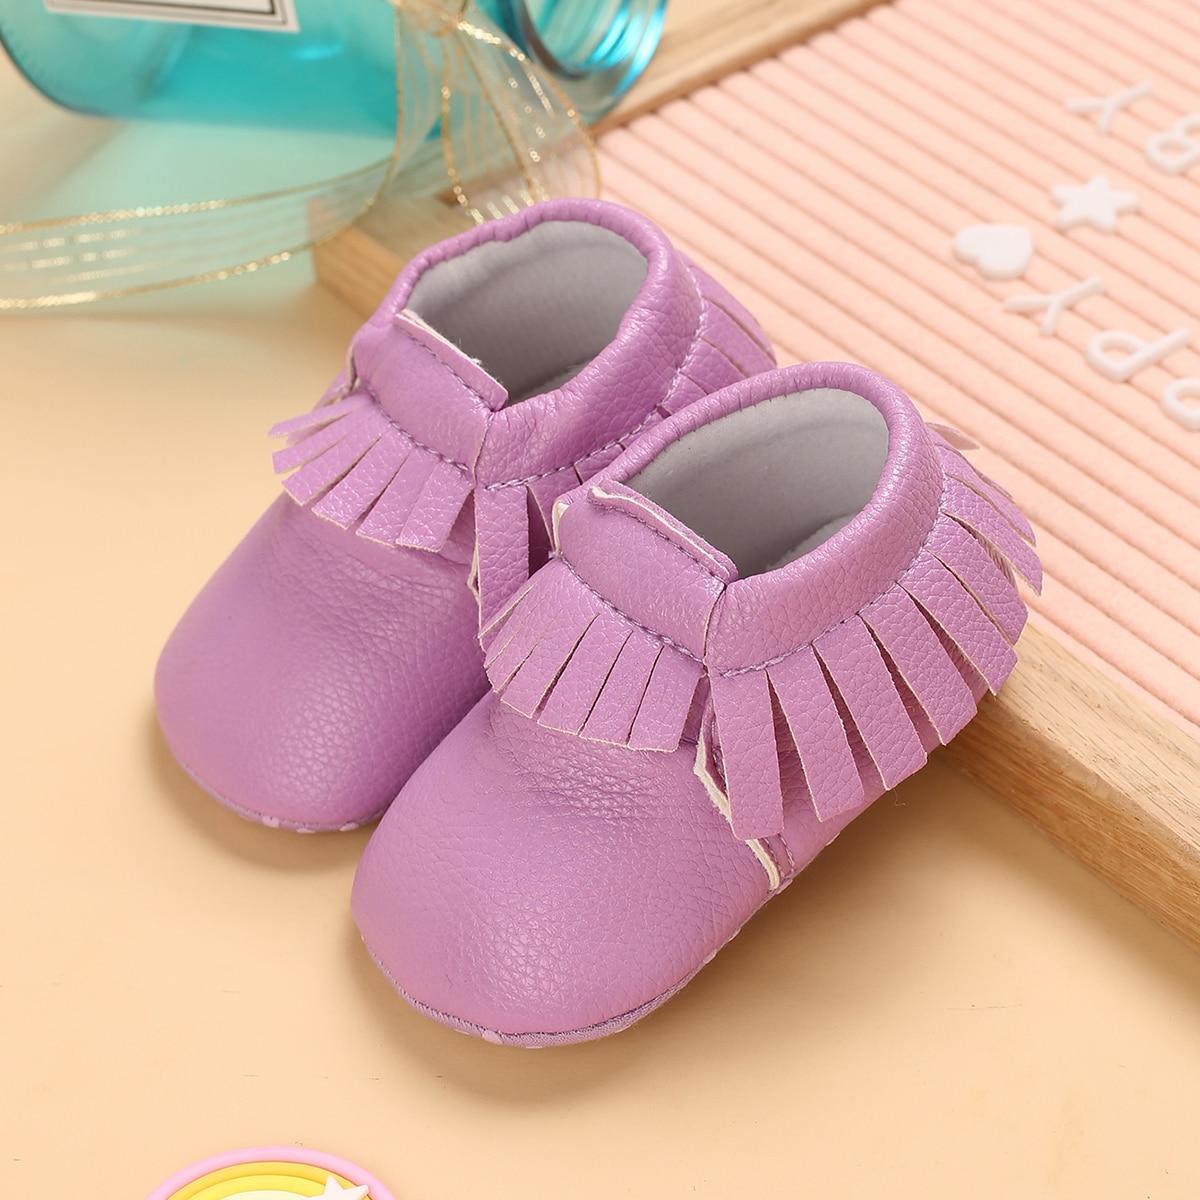 Минималистичные ботинки с бахромой для девочек